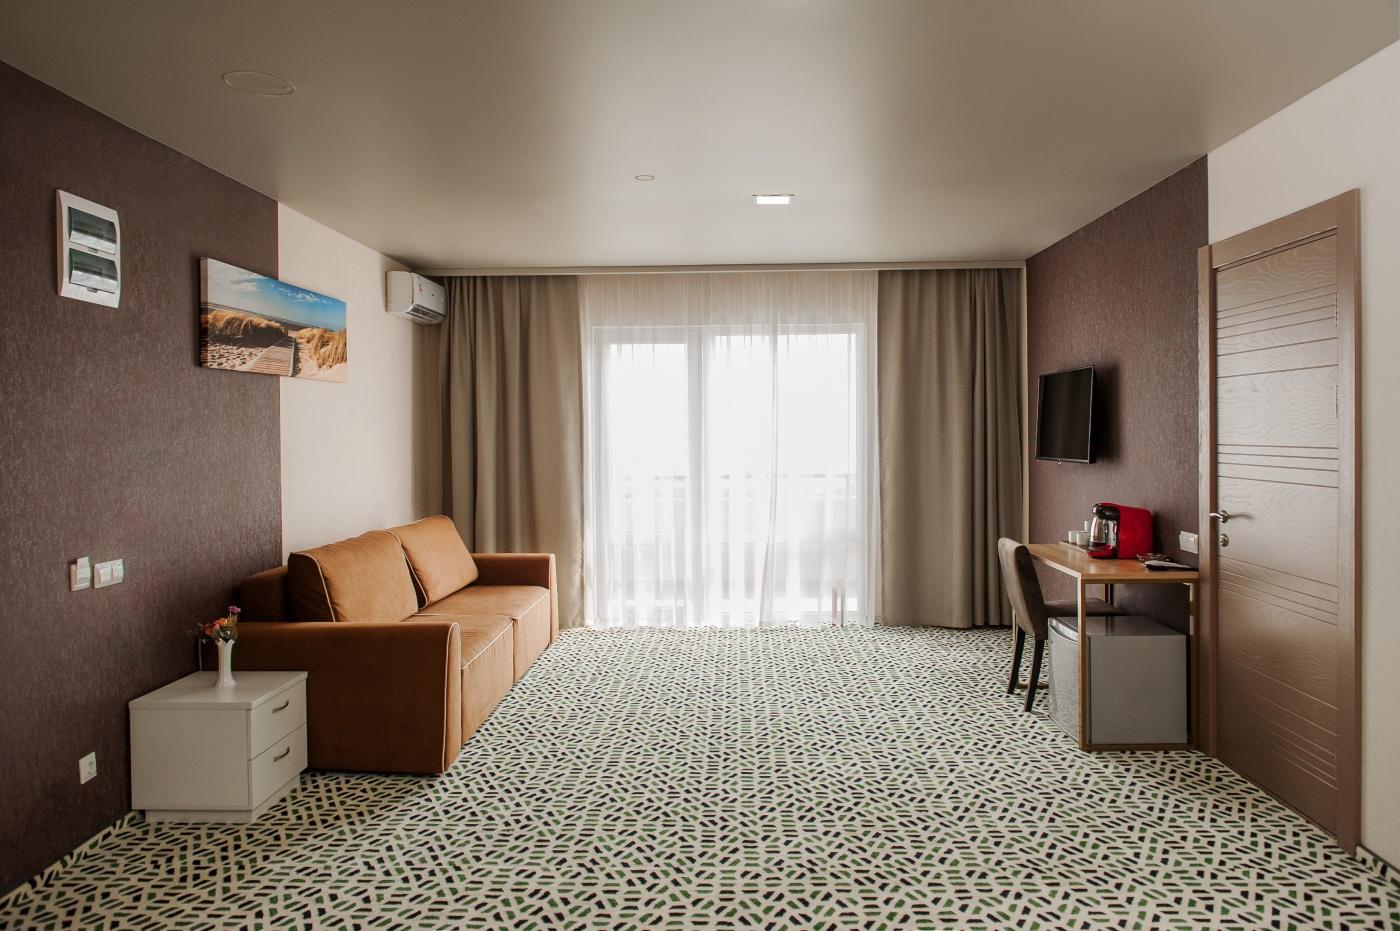 Отель «Aurum Family Resort & Spa» Краснодарский край Apartments Superior 2-местный 4-комнатный, фото 1